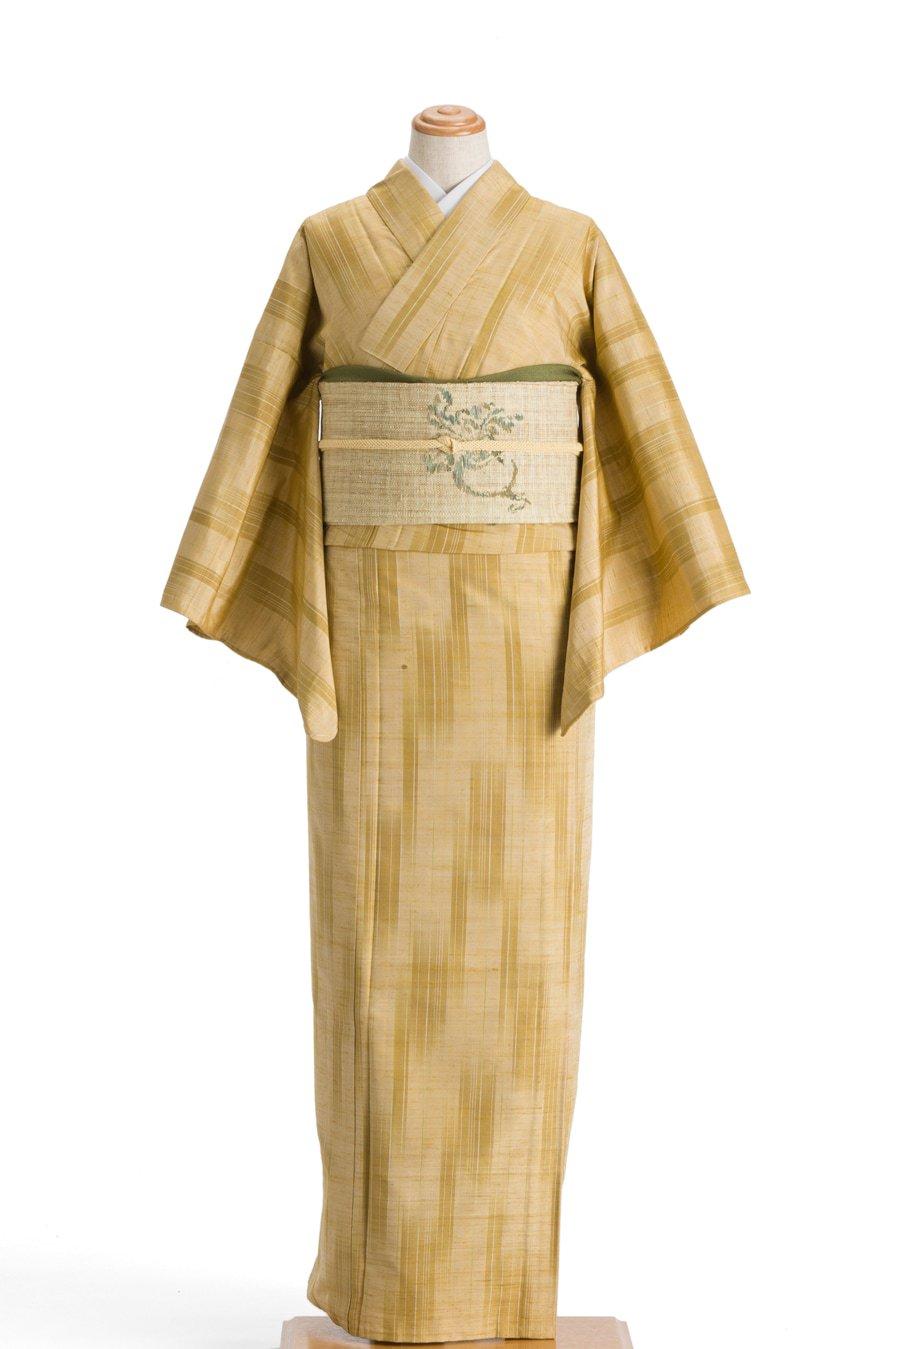 「単衣 紬 淡黄色に絣縞」の商品画像